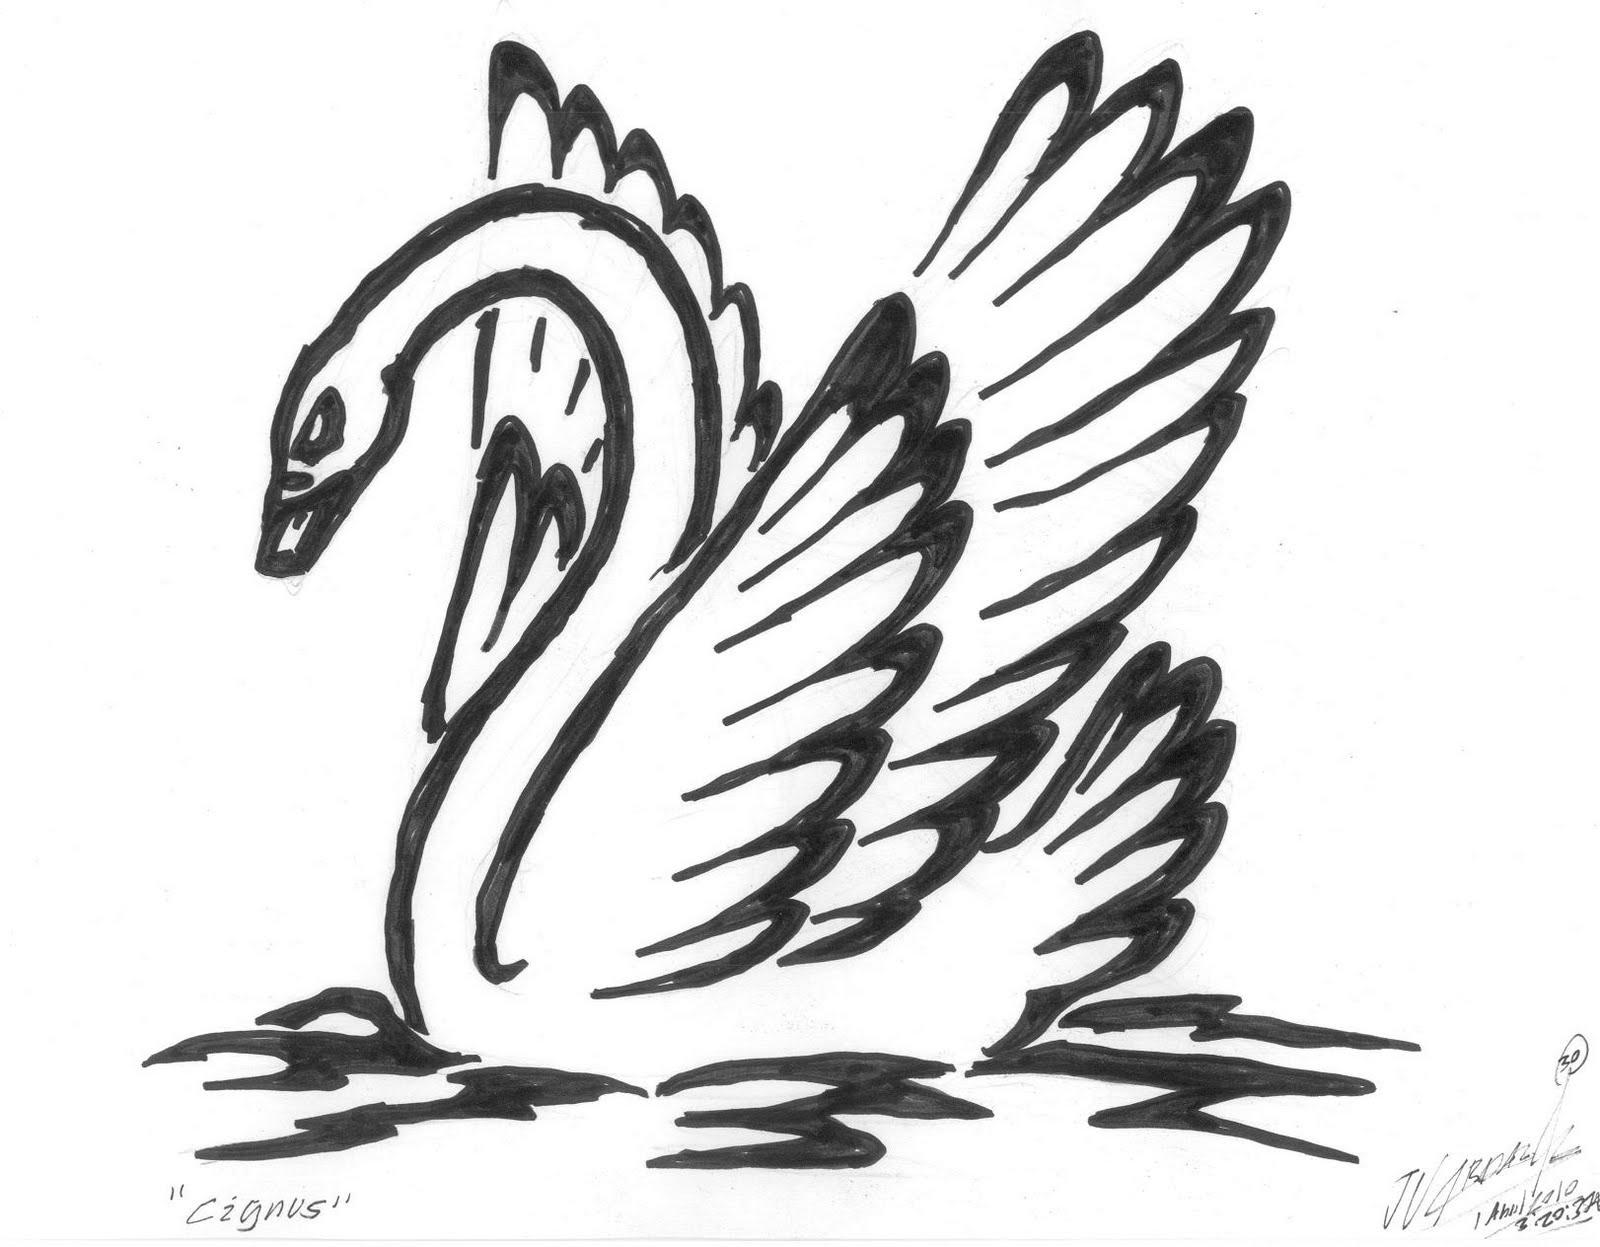 hight resolution of omoide u0026 dreams dibujos recientes recent drawings